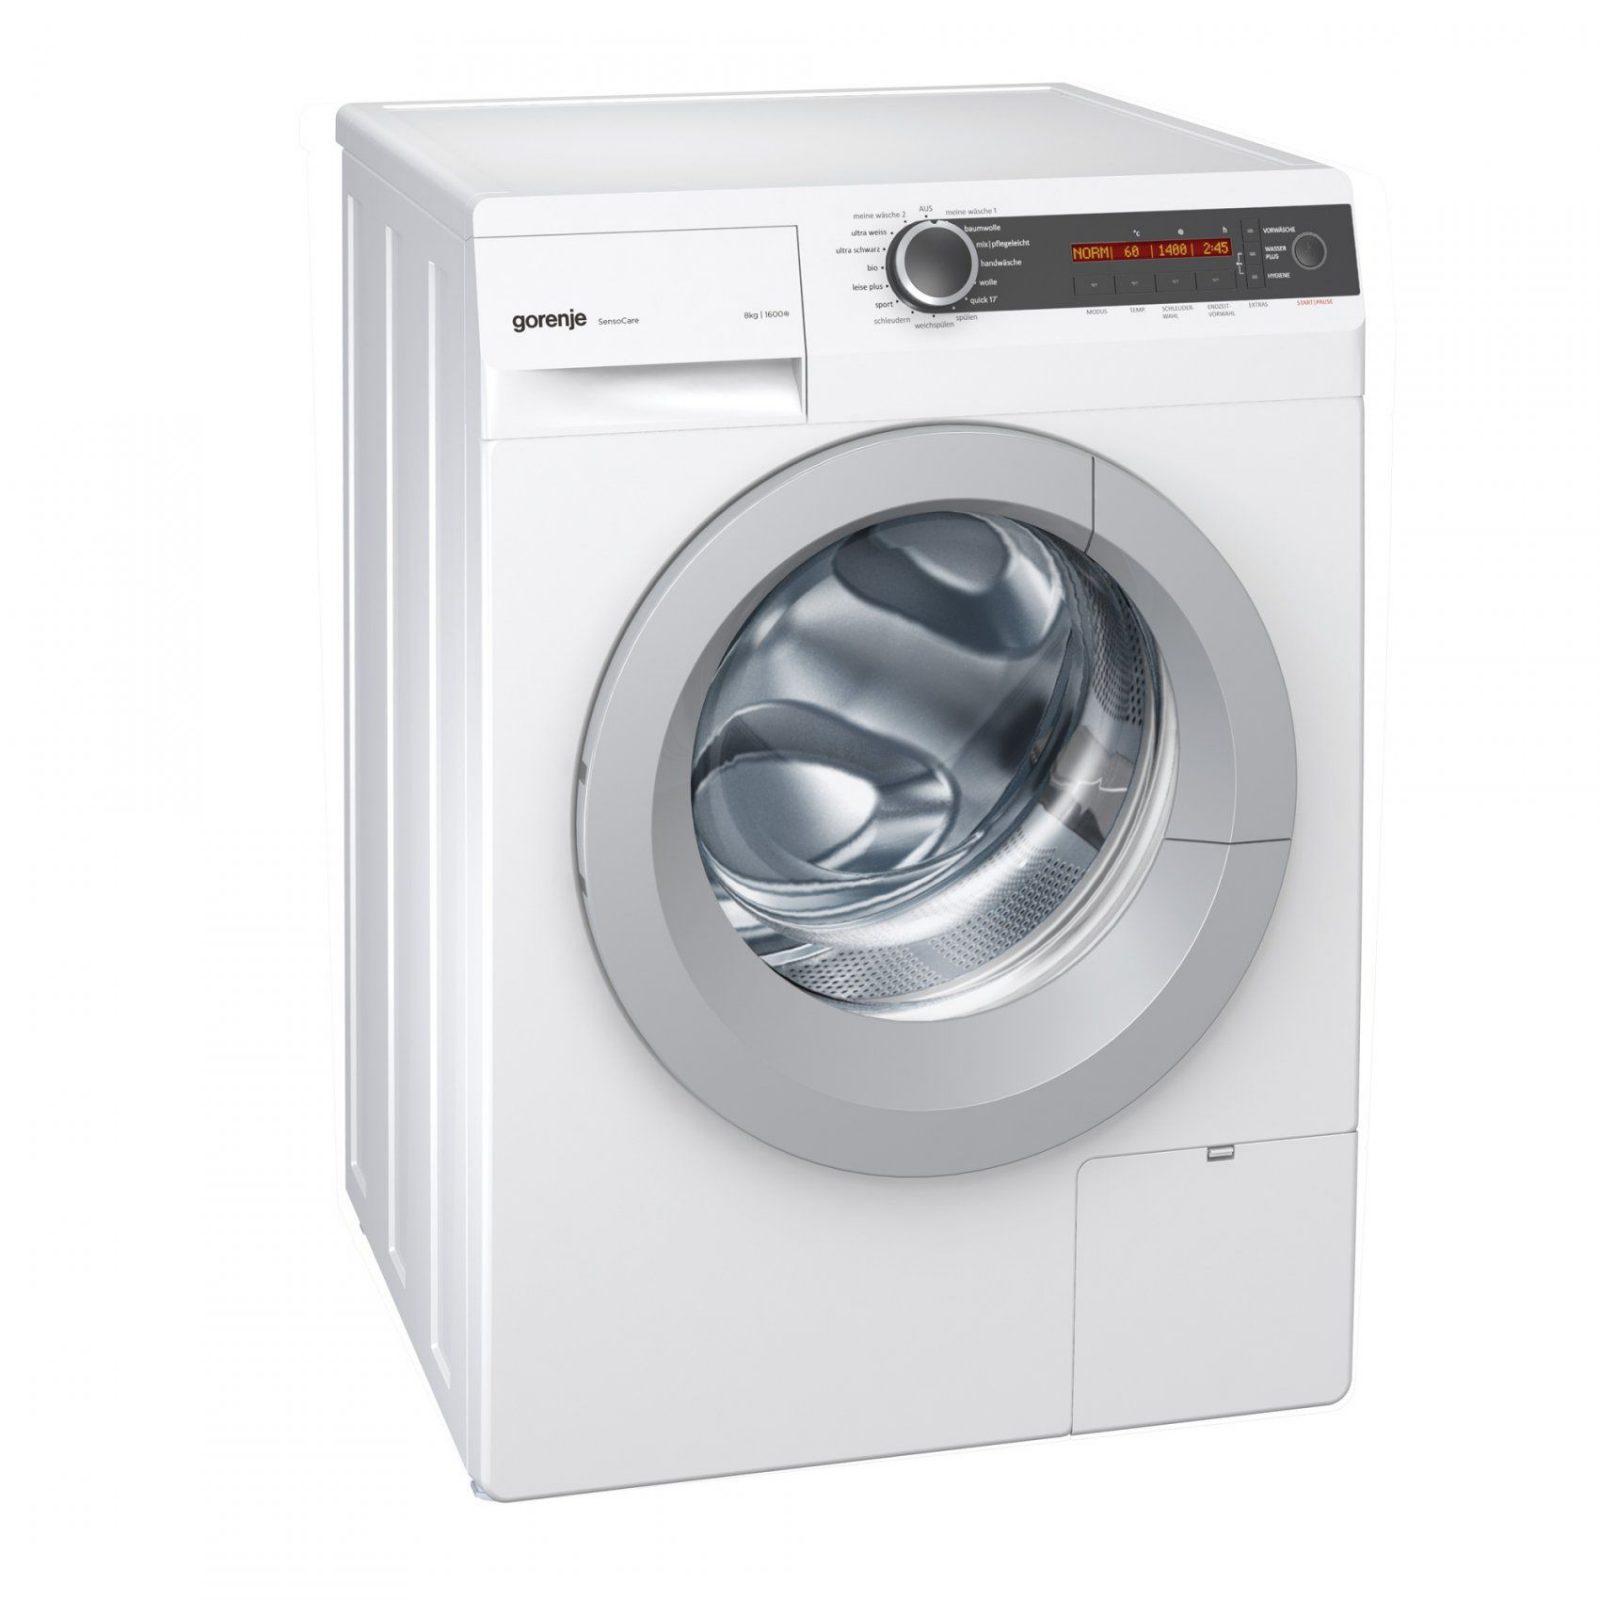 Intelligentes Waschen Und Trocknen – Sensationell Weiße Und Weiche von Gorenje W 6443 S Slim Bild